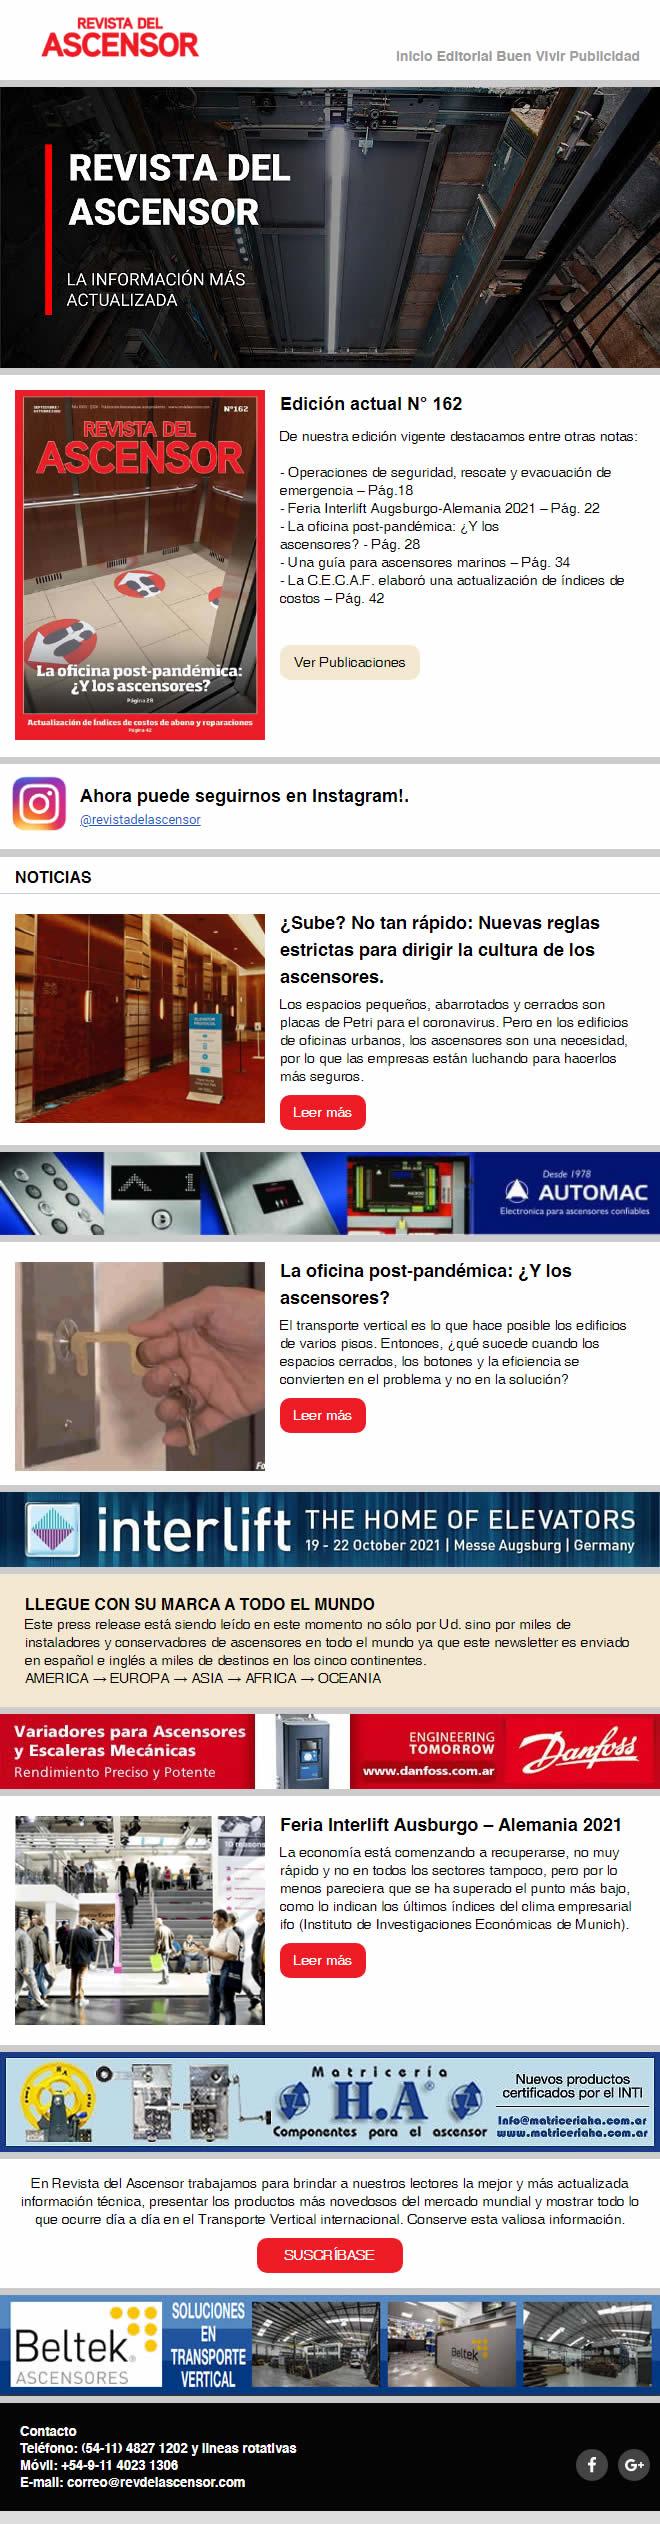 ¿Sube? No tan rápido: Nuevas reglas estrictas para dirigir la cultura de los ascensores. – La oficina post-pandémica: ¿Y los ascensores? – Feria Interlift Ausburgo – Alemania 2021